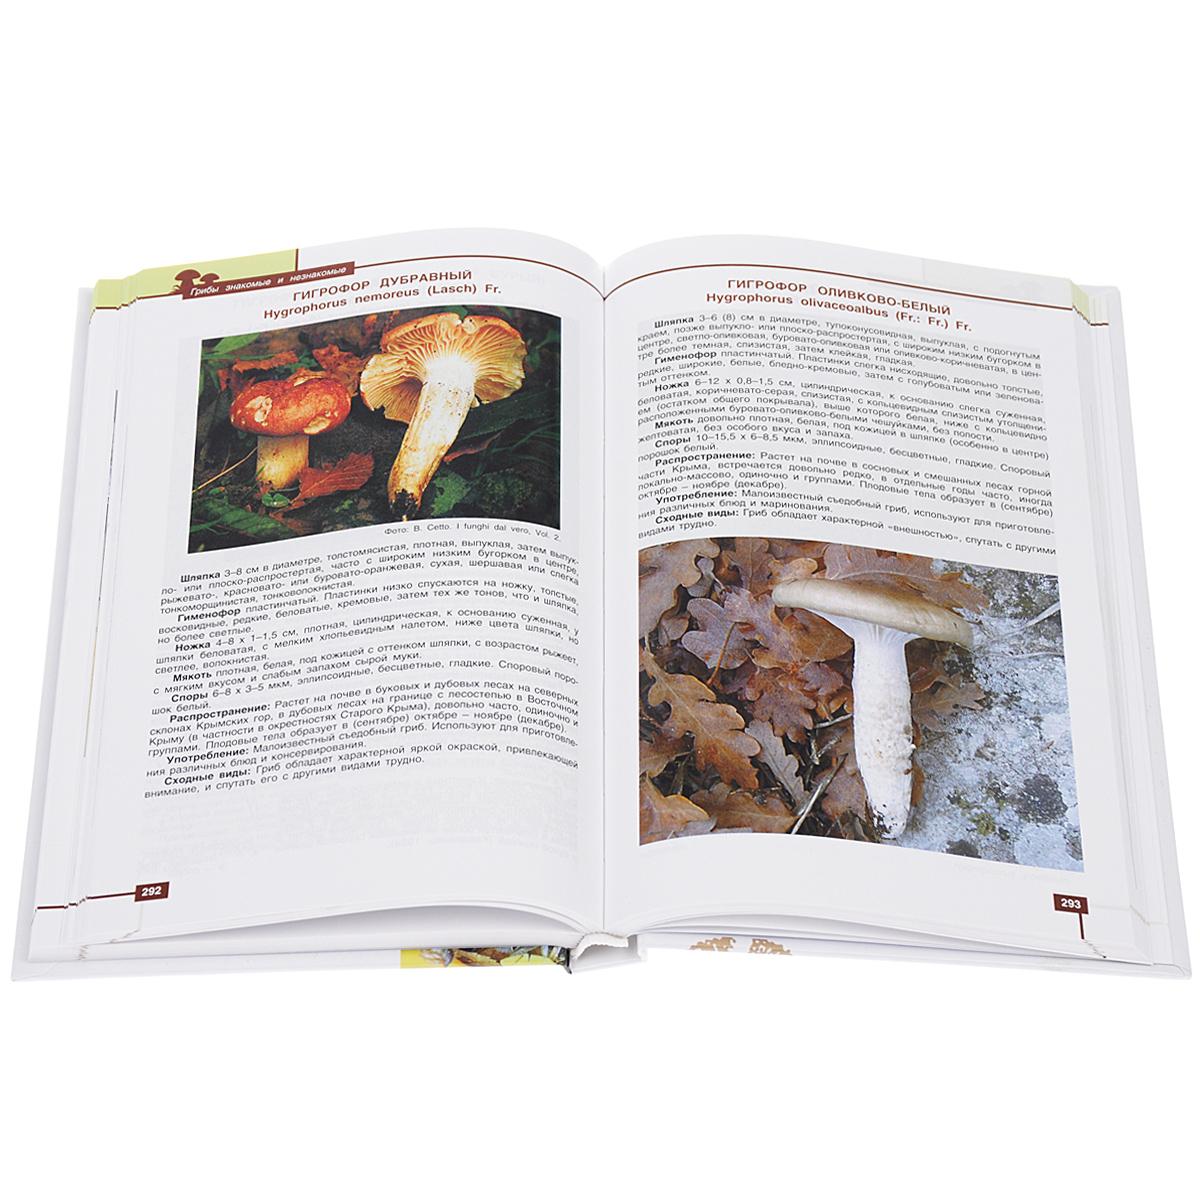 Грибы знакомые и незнакомые. Справочник-определитель грибов Крыма